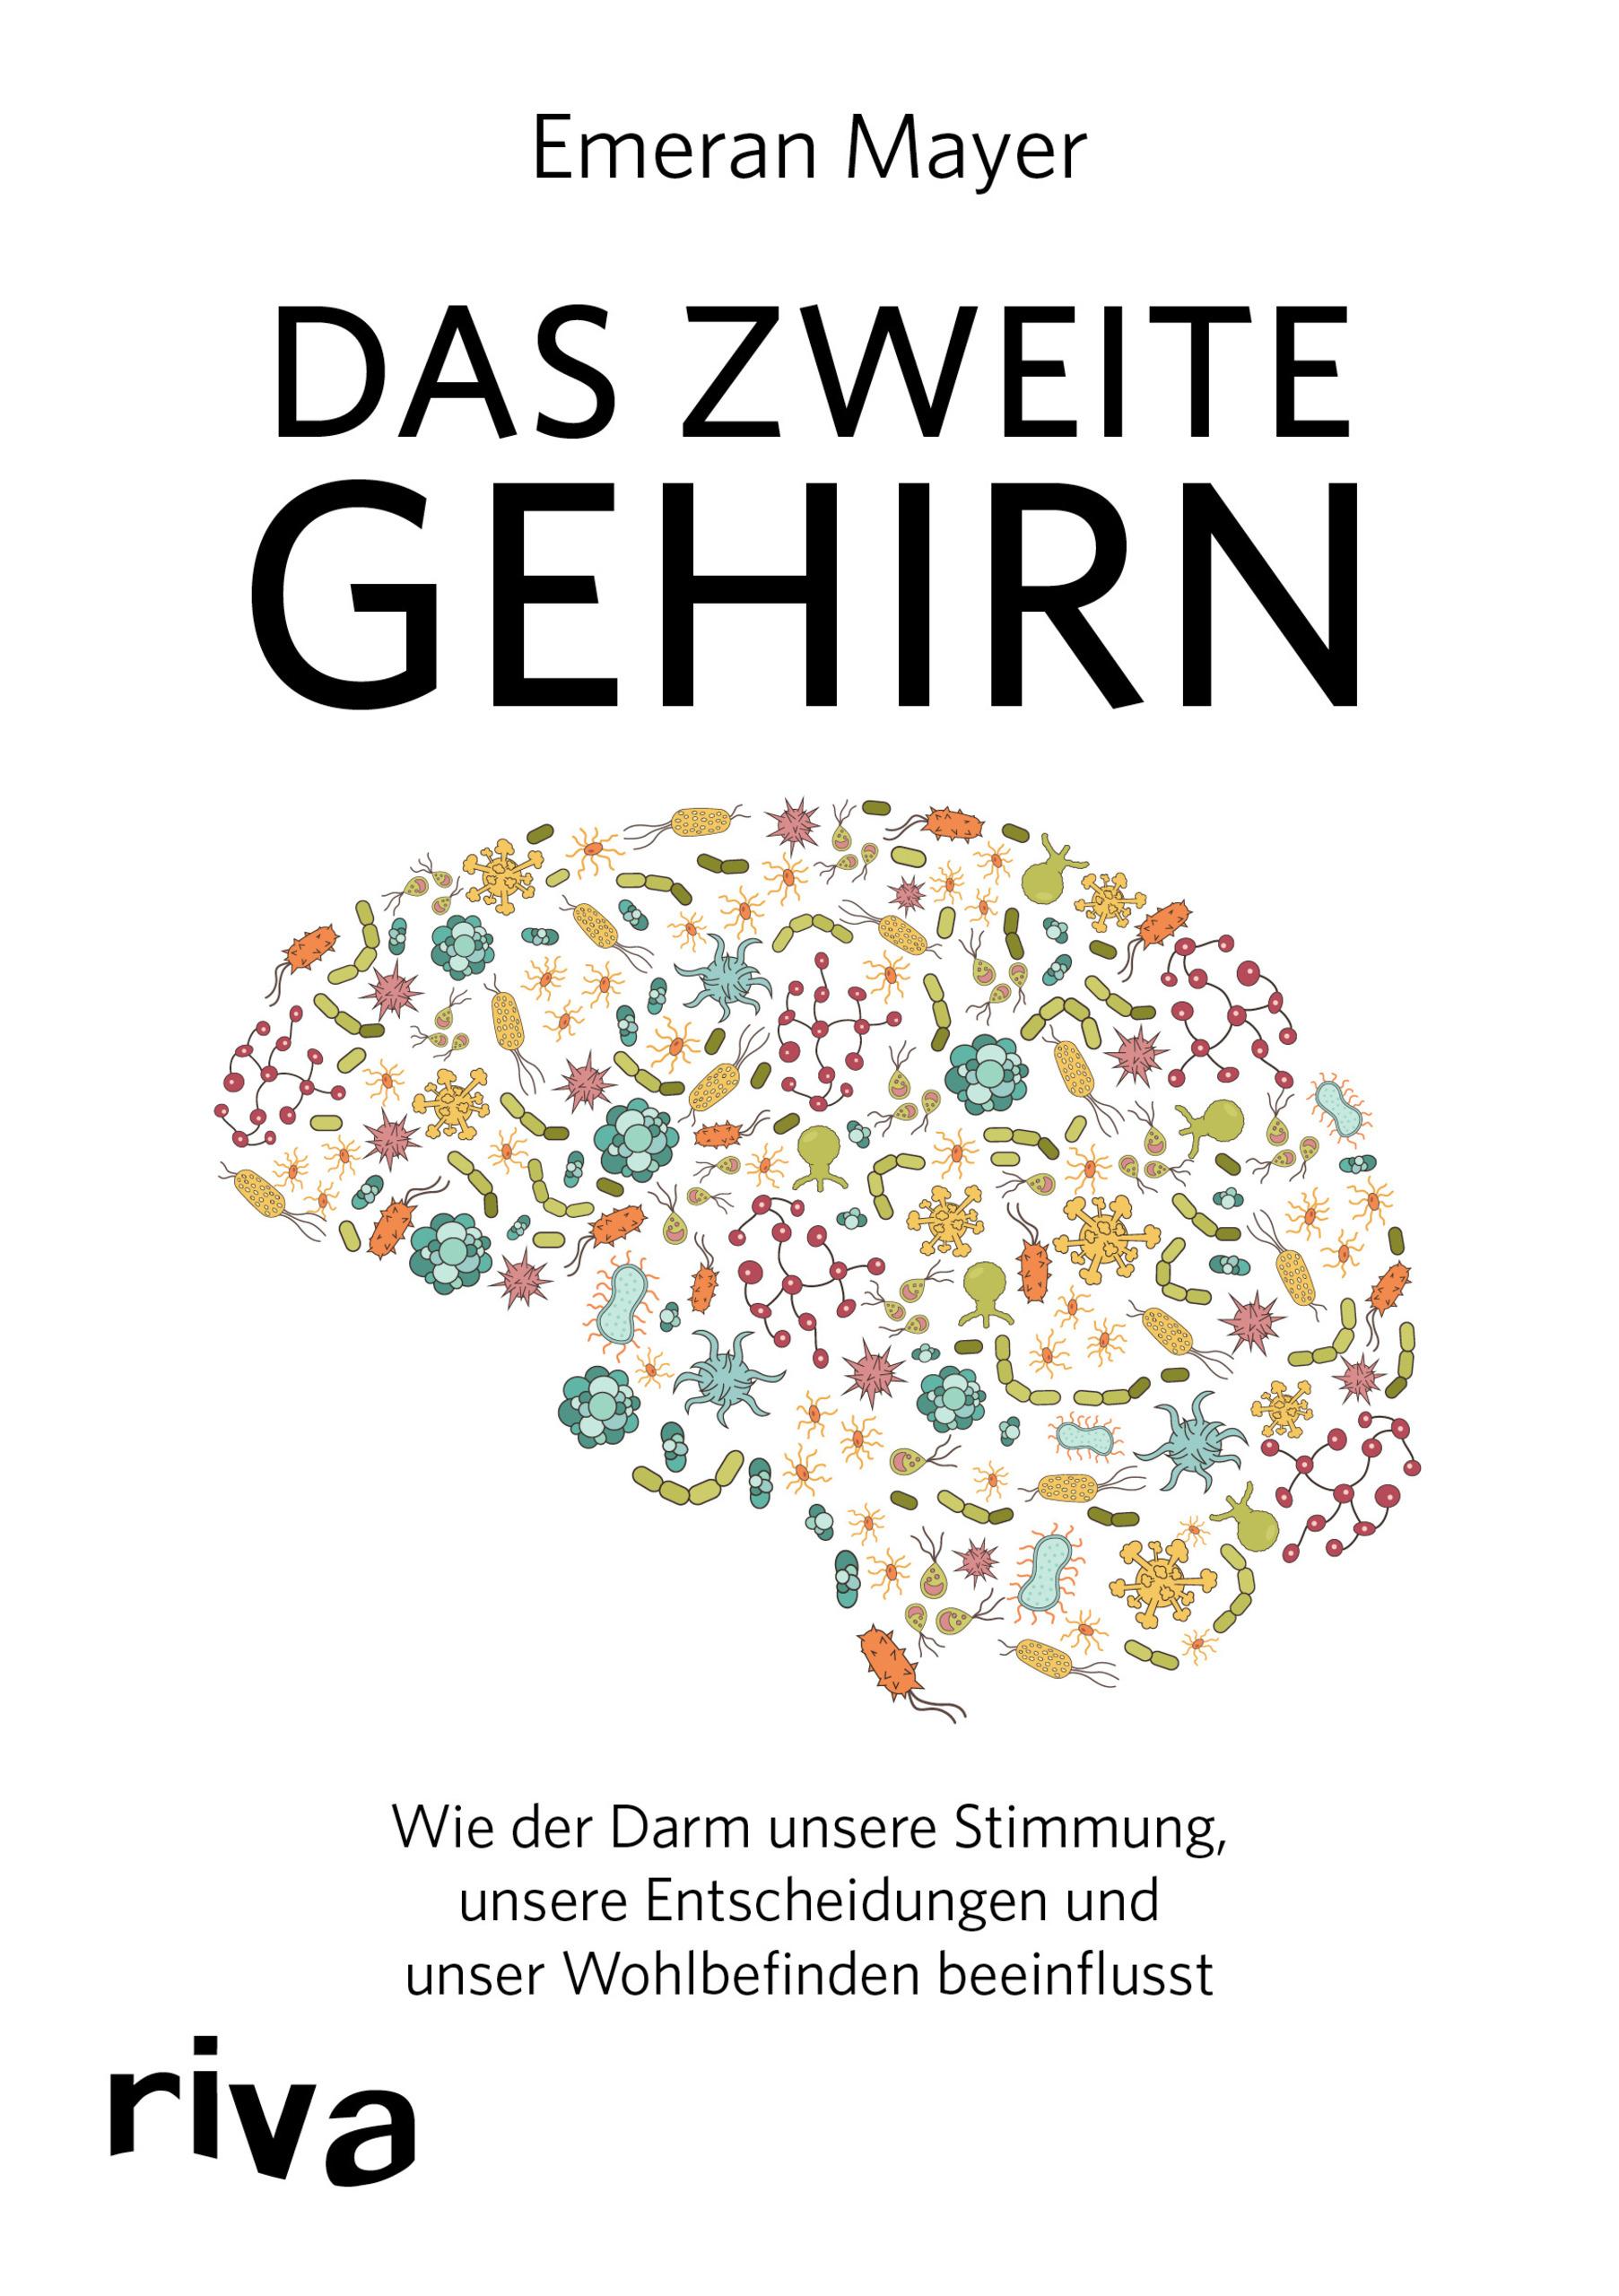 Das-zweite-Gehirn-Emeran-Mayer